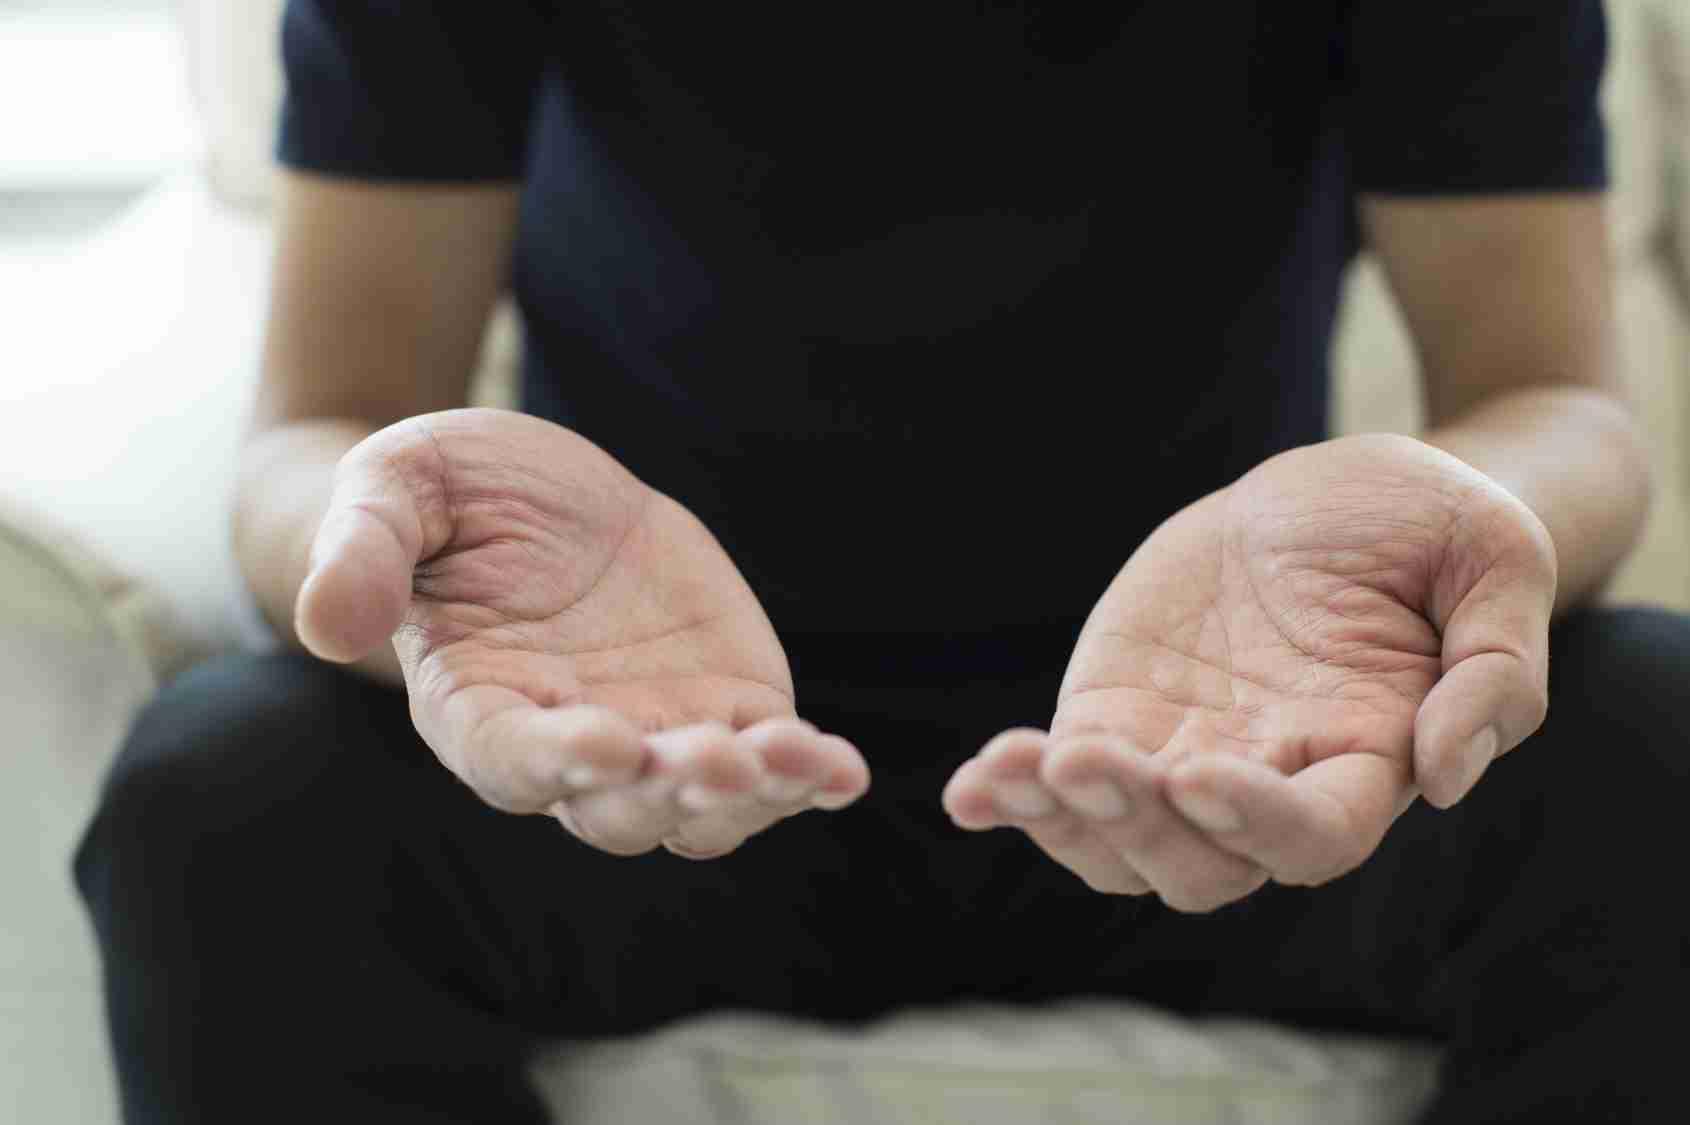 手汗がひどい...!手のひらや手の甲の汗を予防・改善するための3つの対策方法とリアルな体験談 | ココ汗コム 〜体の汗対策と予防改善方法〜